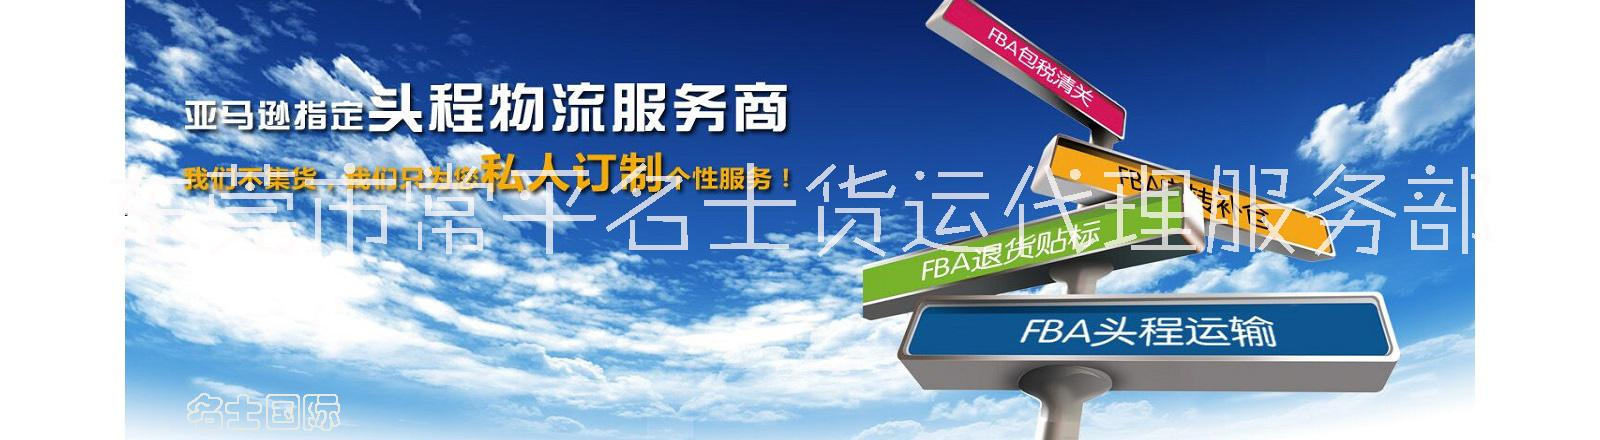 FBA头程运输 物流专家